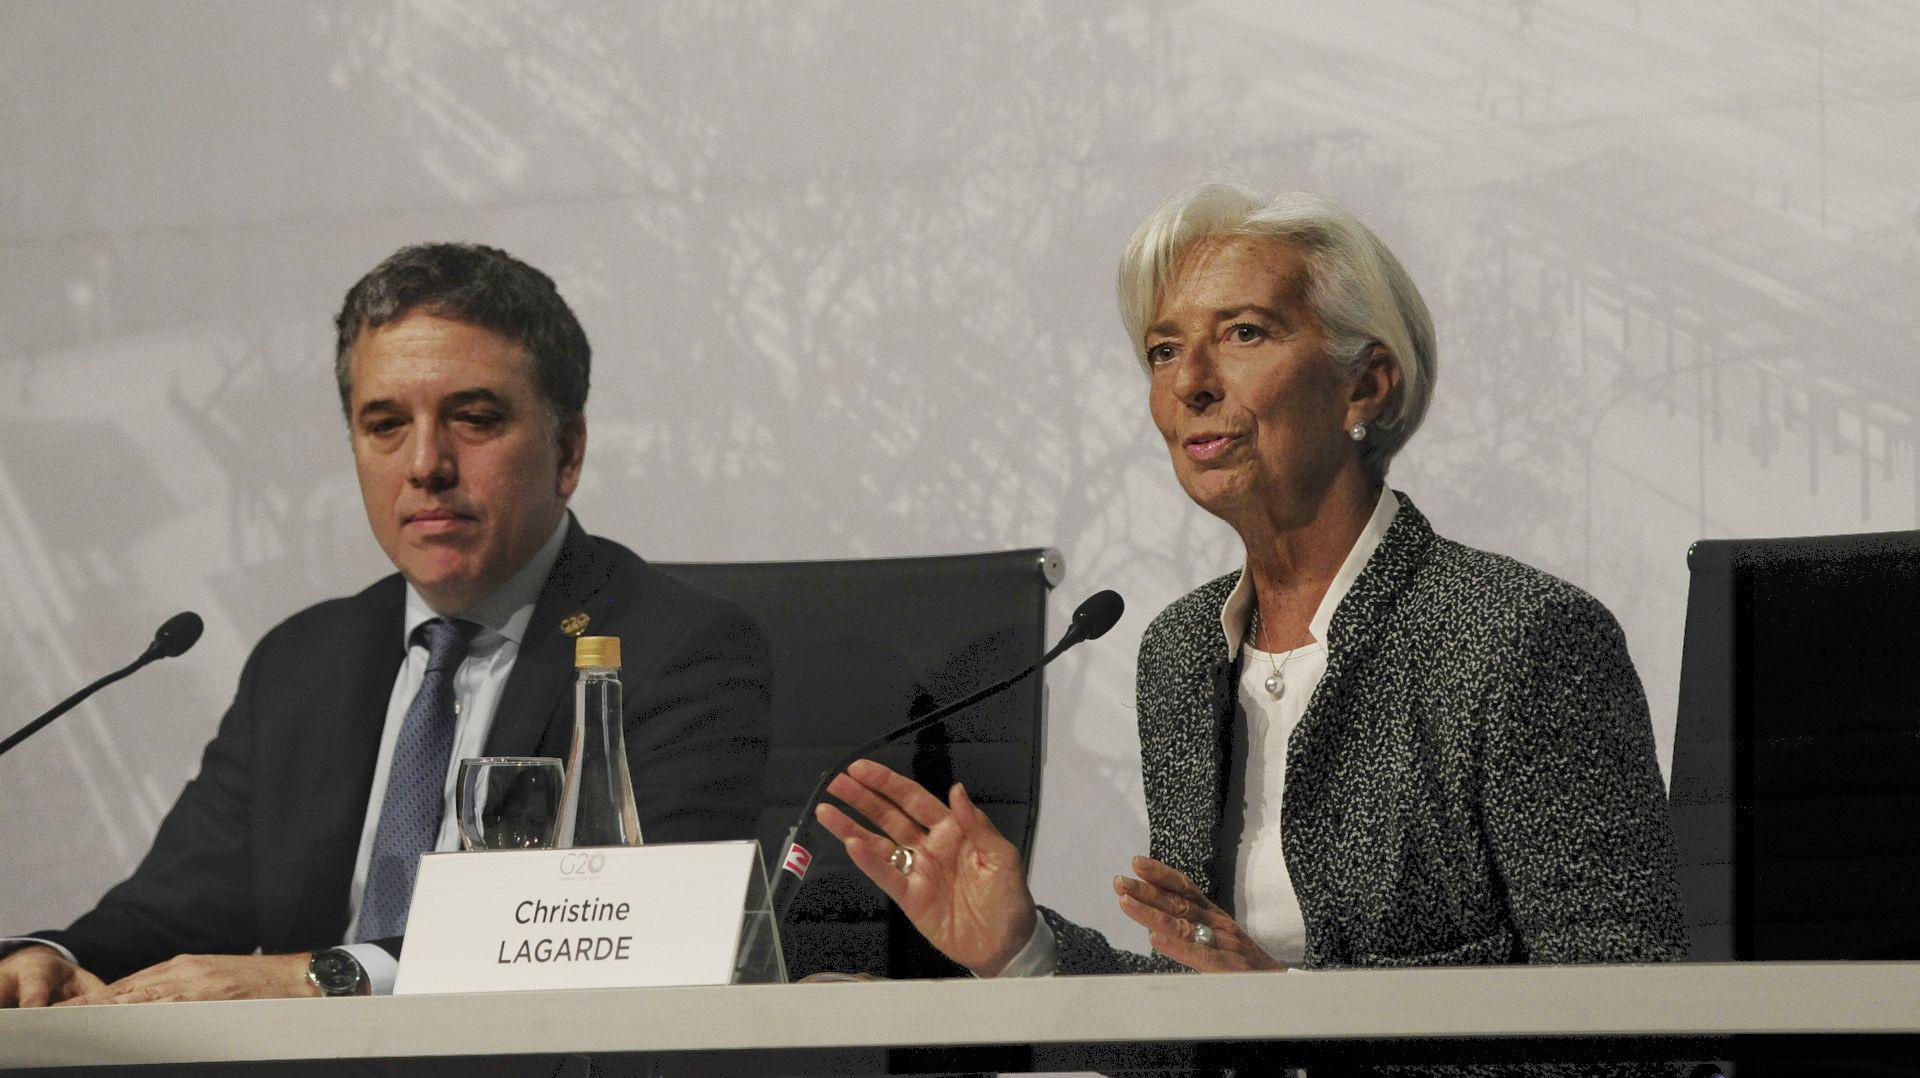 La titular del Fondo Monetario Christine Lagarde junto al ministro Nicolás Dujovne enjulio pasado, en una reunión en el marco del G20 (Foto: Patricio Murphy)